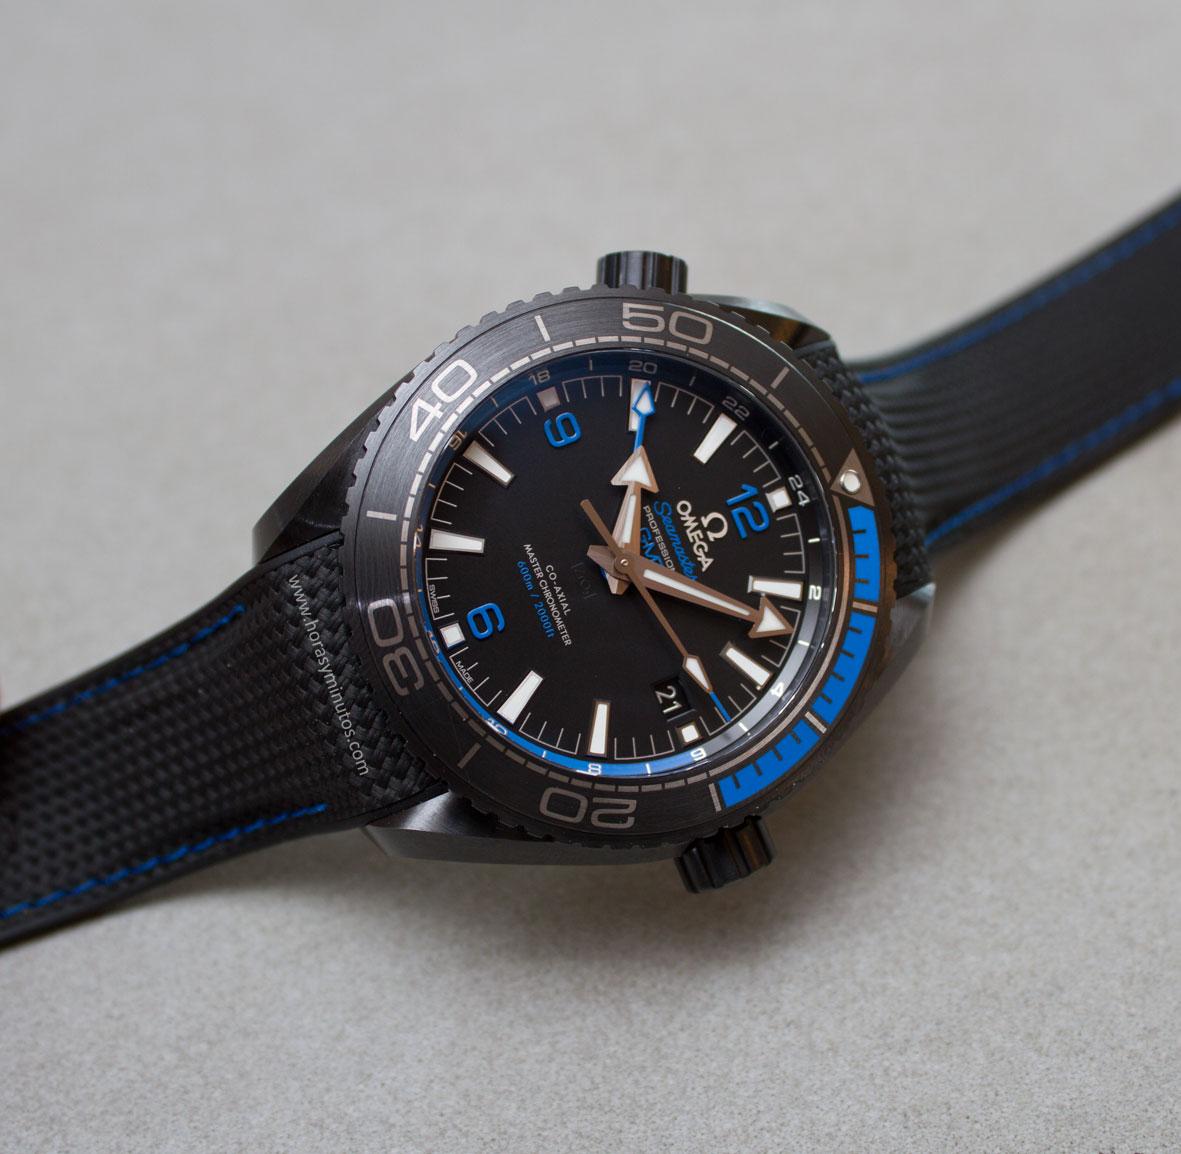 Omega-Seamaster-Planet-Ocean-Deep-Black-3-Horasyminutos